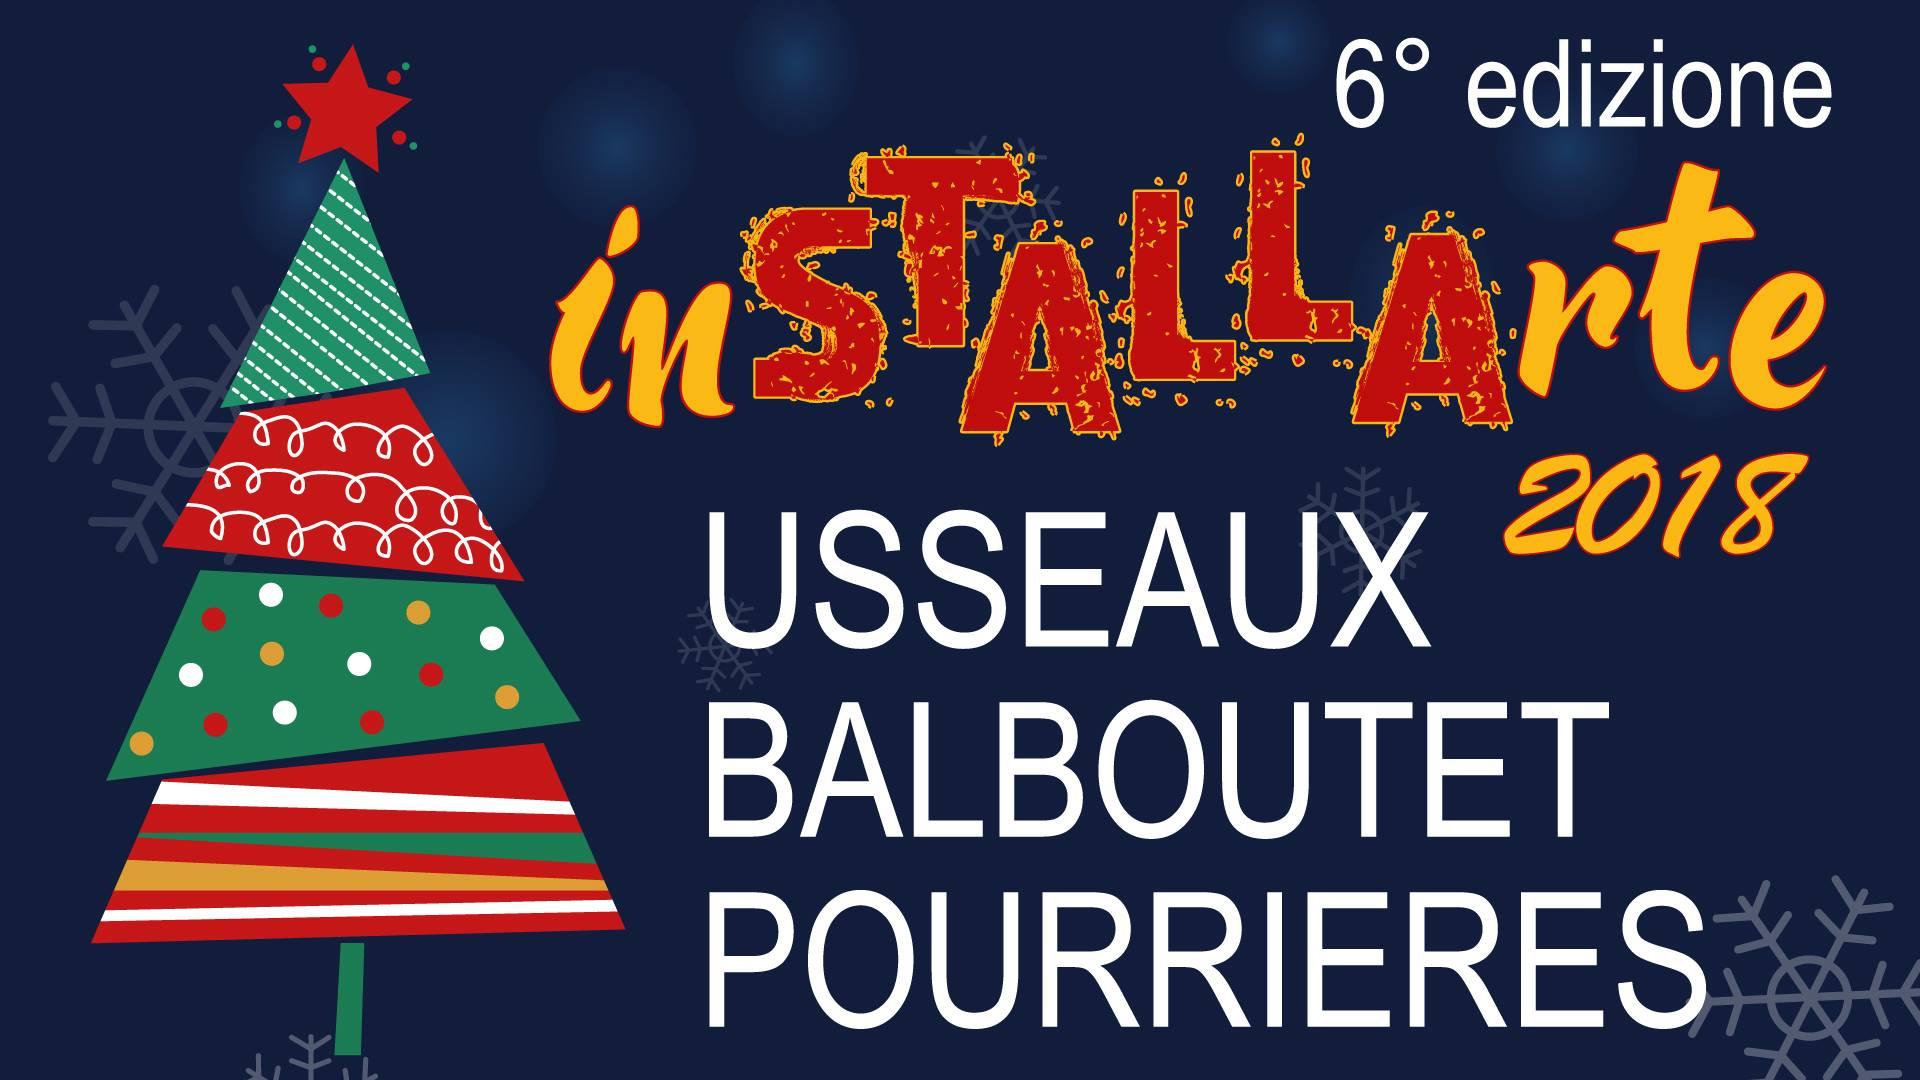 Installarte 2018 a Usseaux - Torino